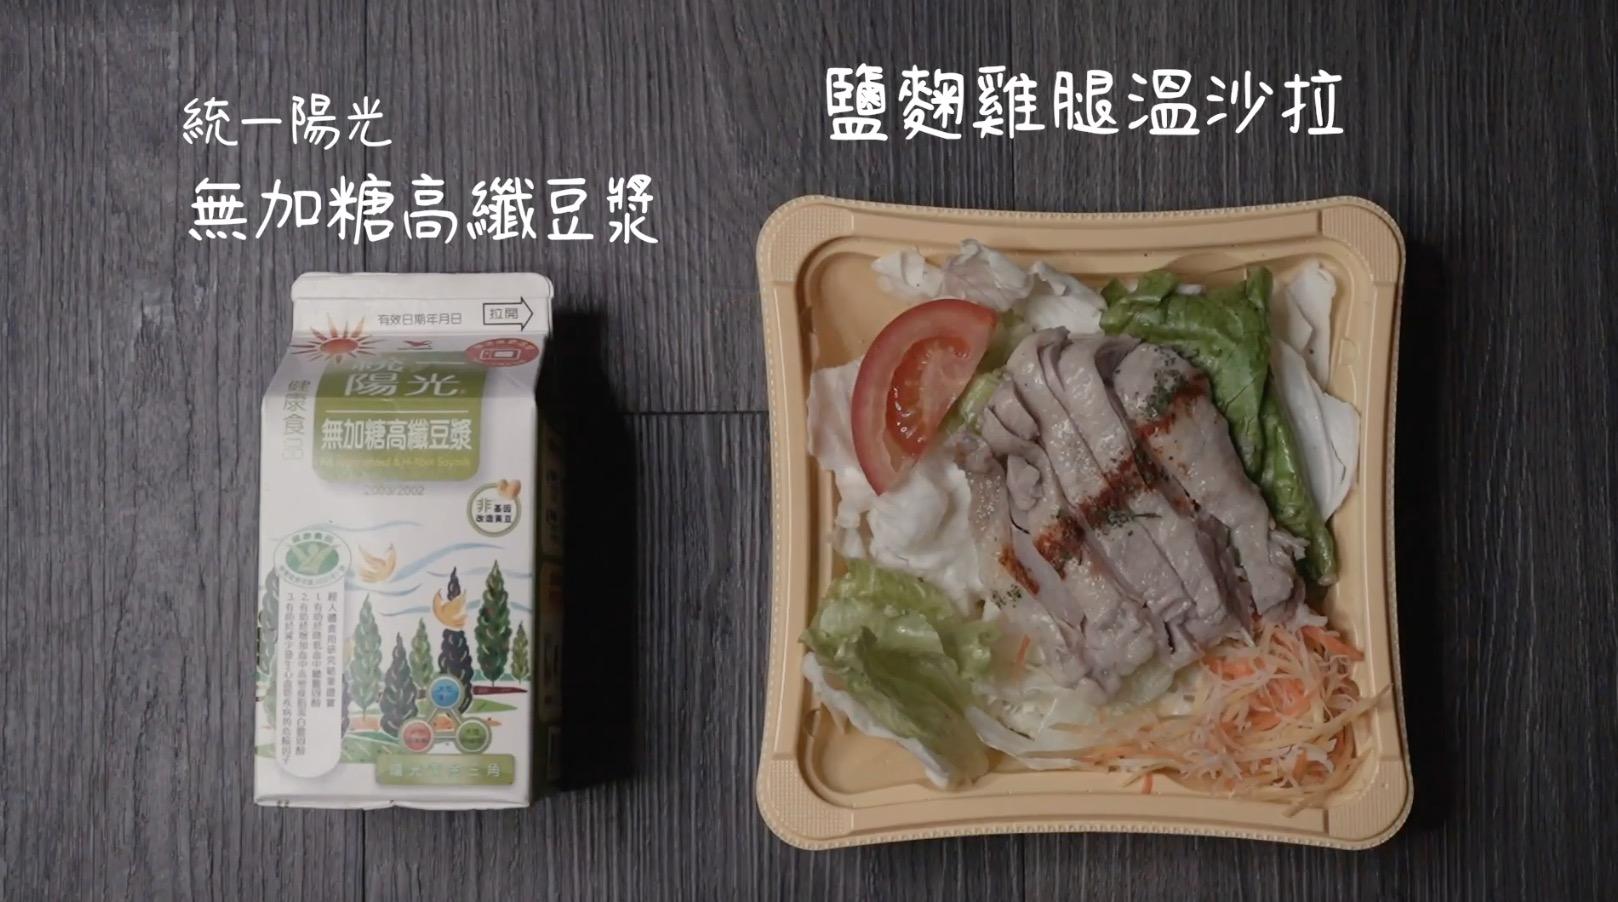 輕盈滿分的減負擔晚餐。搭配組合:鹽麴雞腿溫沙拉、無糖高纖豆漿